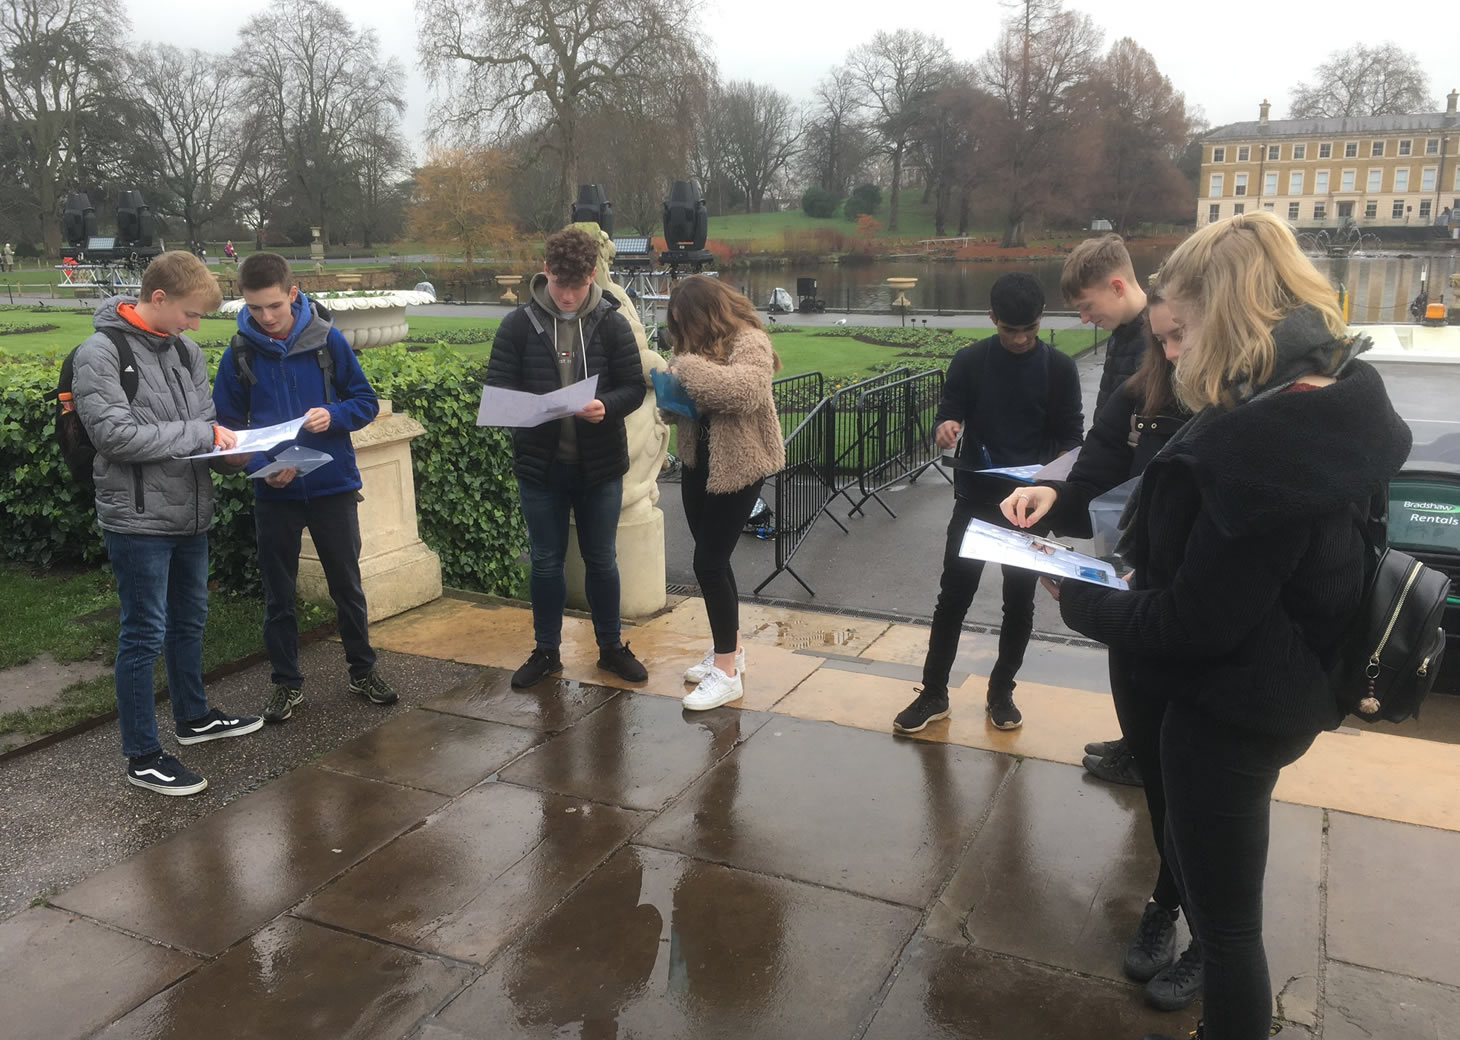 Year 12 students at Kew Gardens